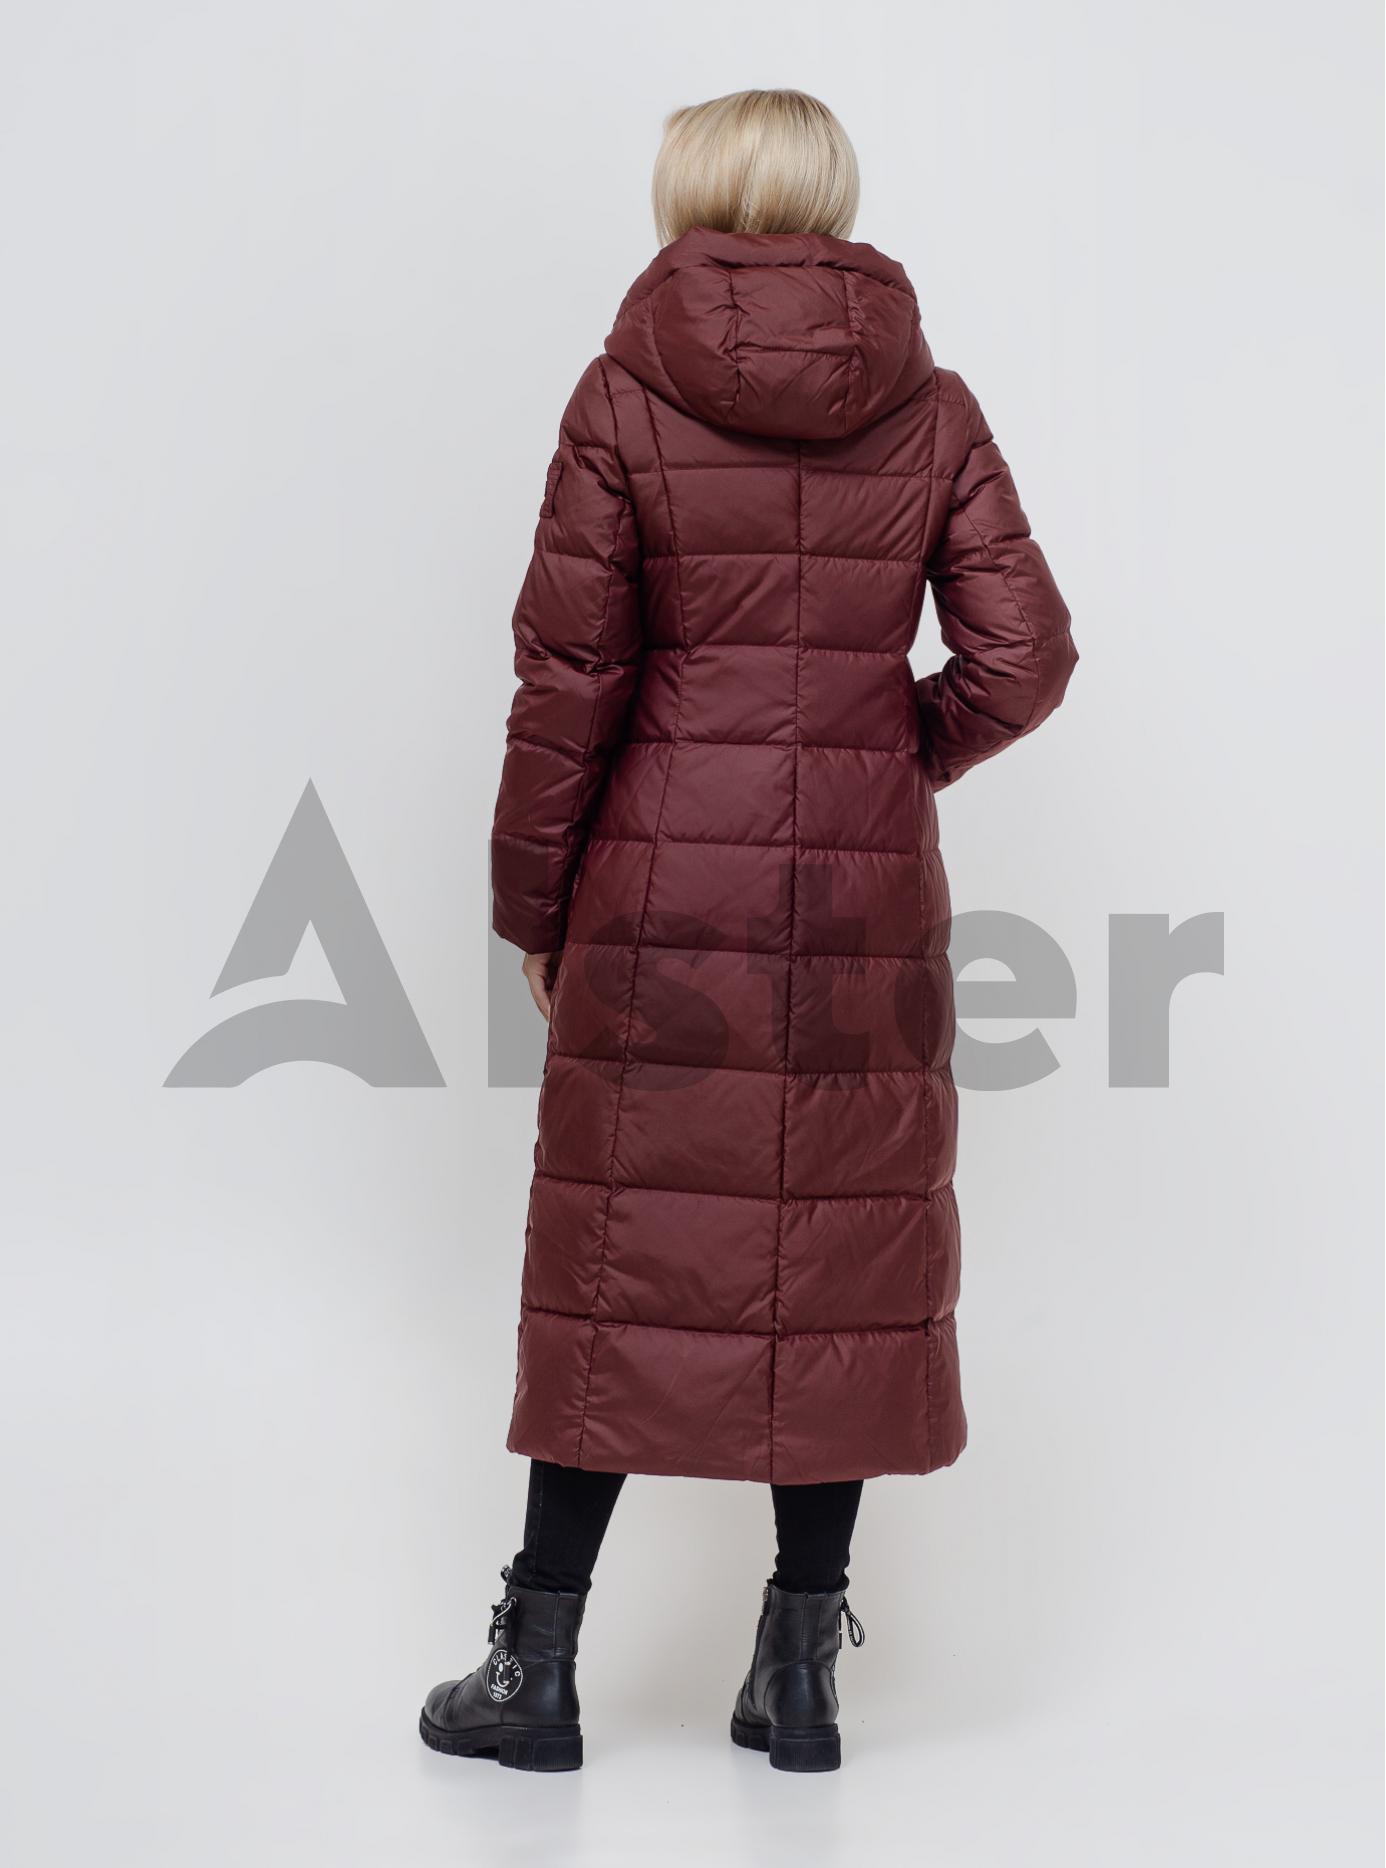 Пуховик зимовий довгий з поясом Бордовий S (01-N200534): фото - Alster.ua